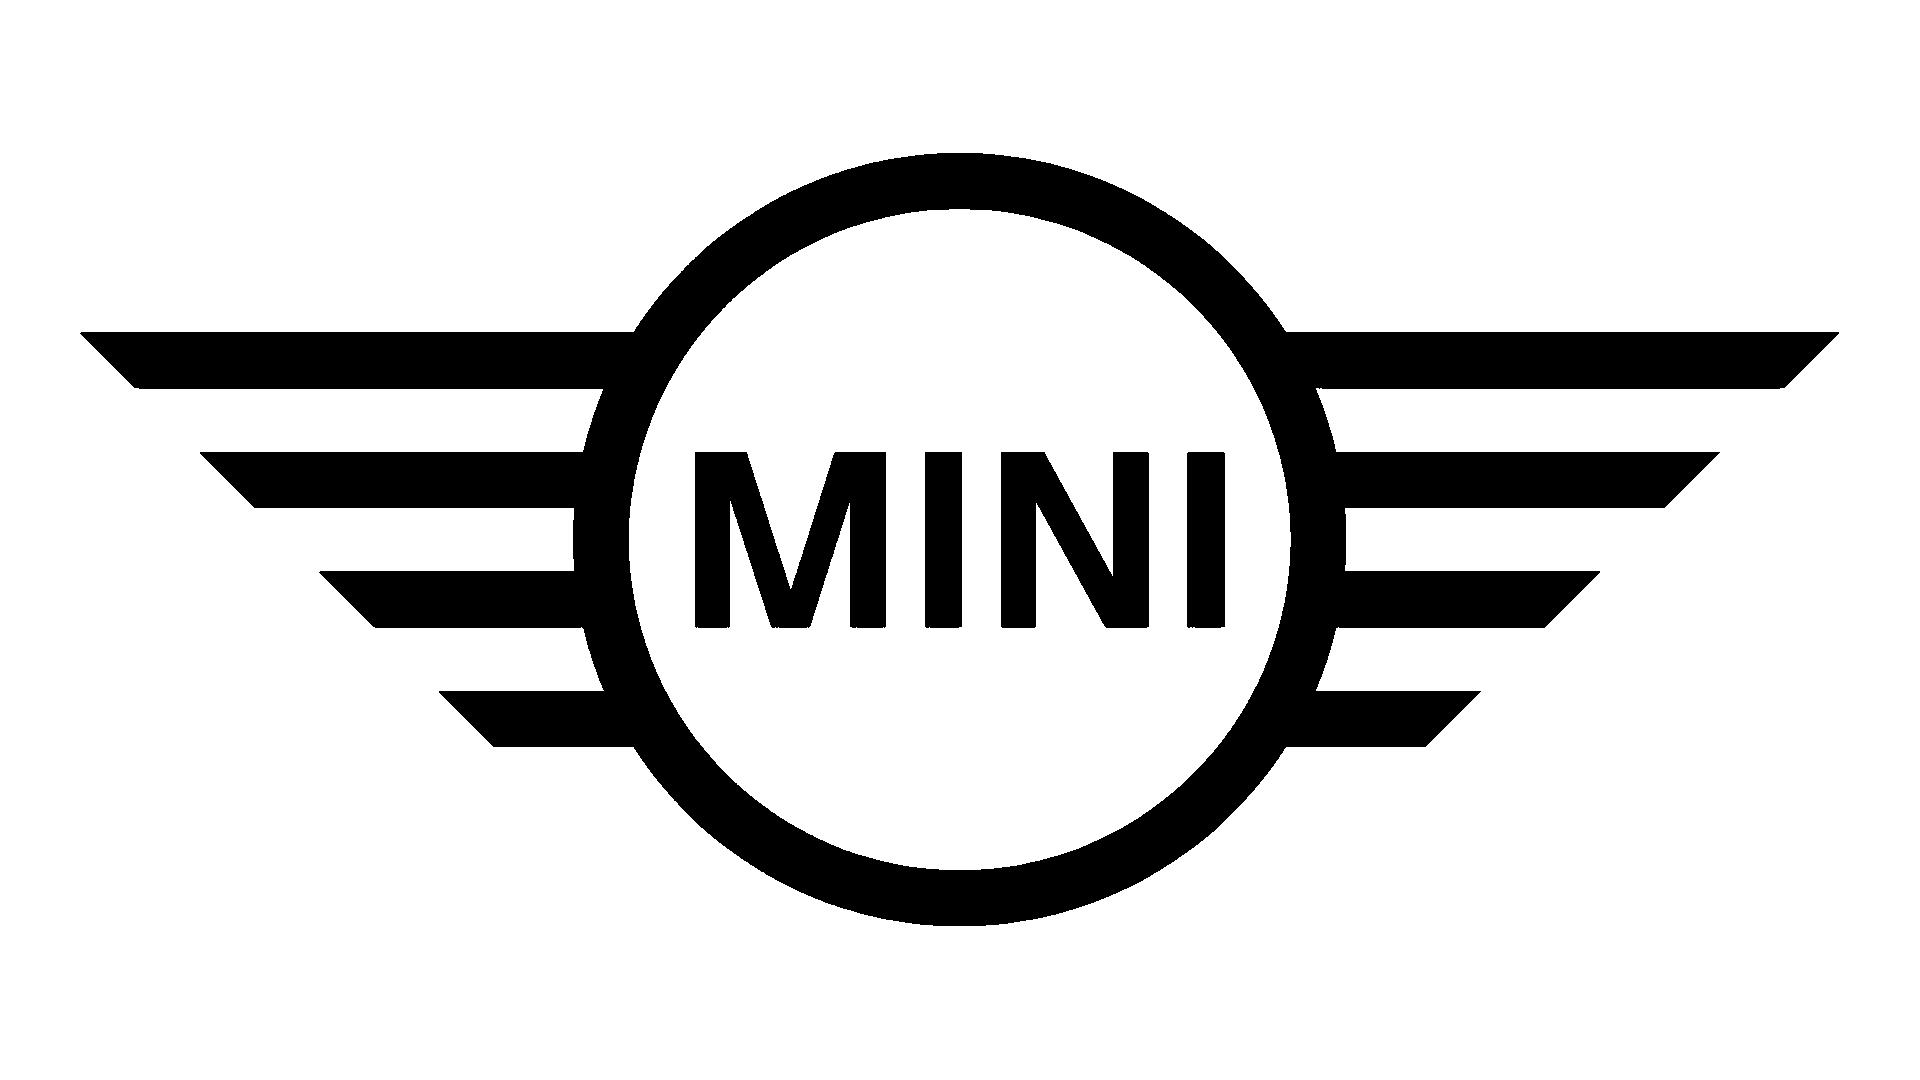 Mini logo 2015 1920x1080 2